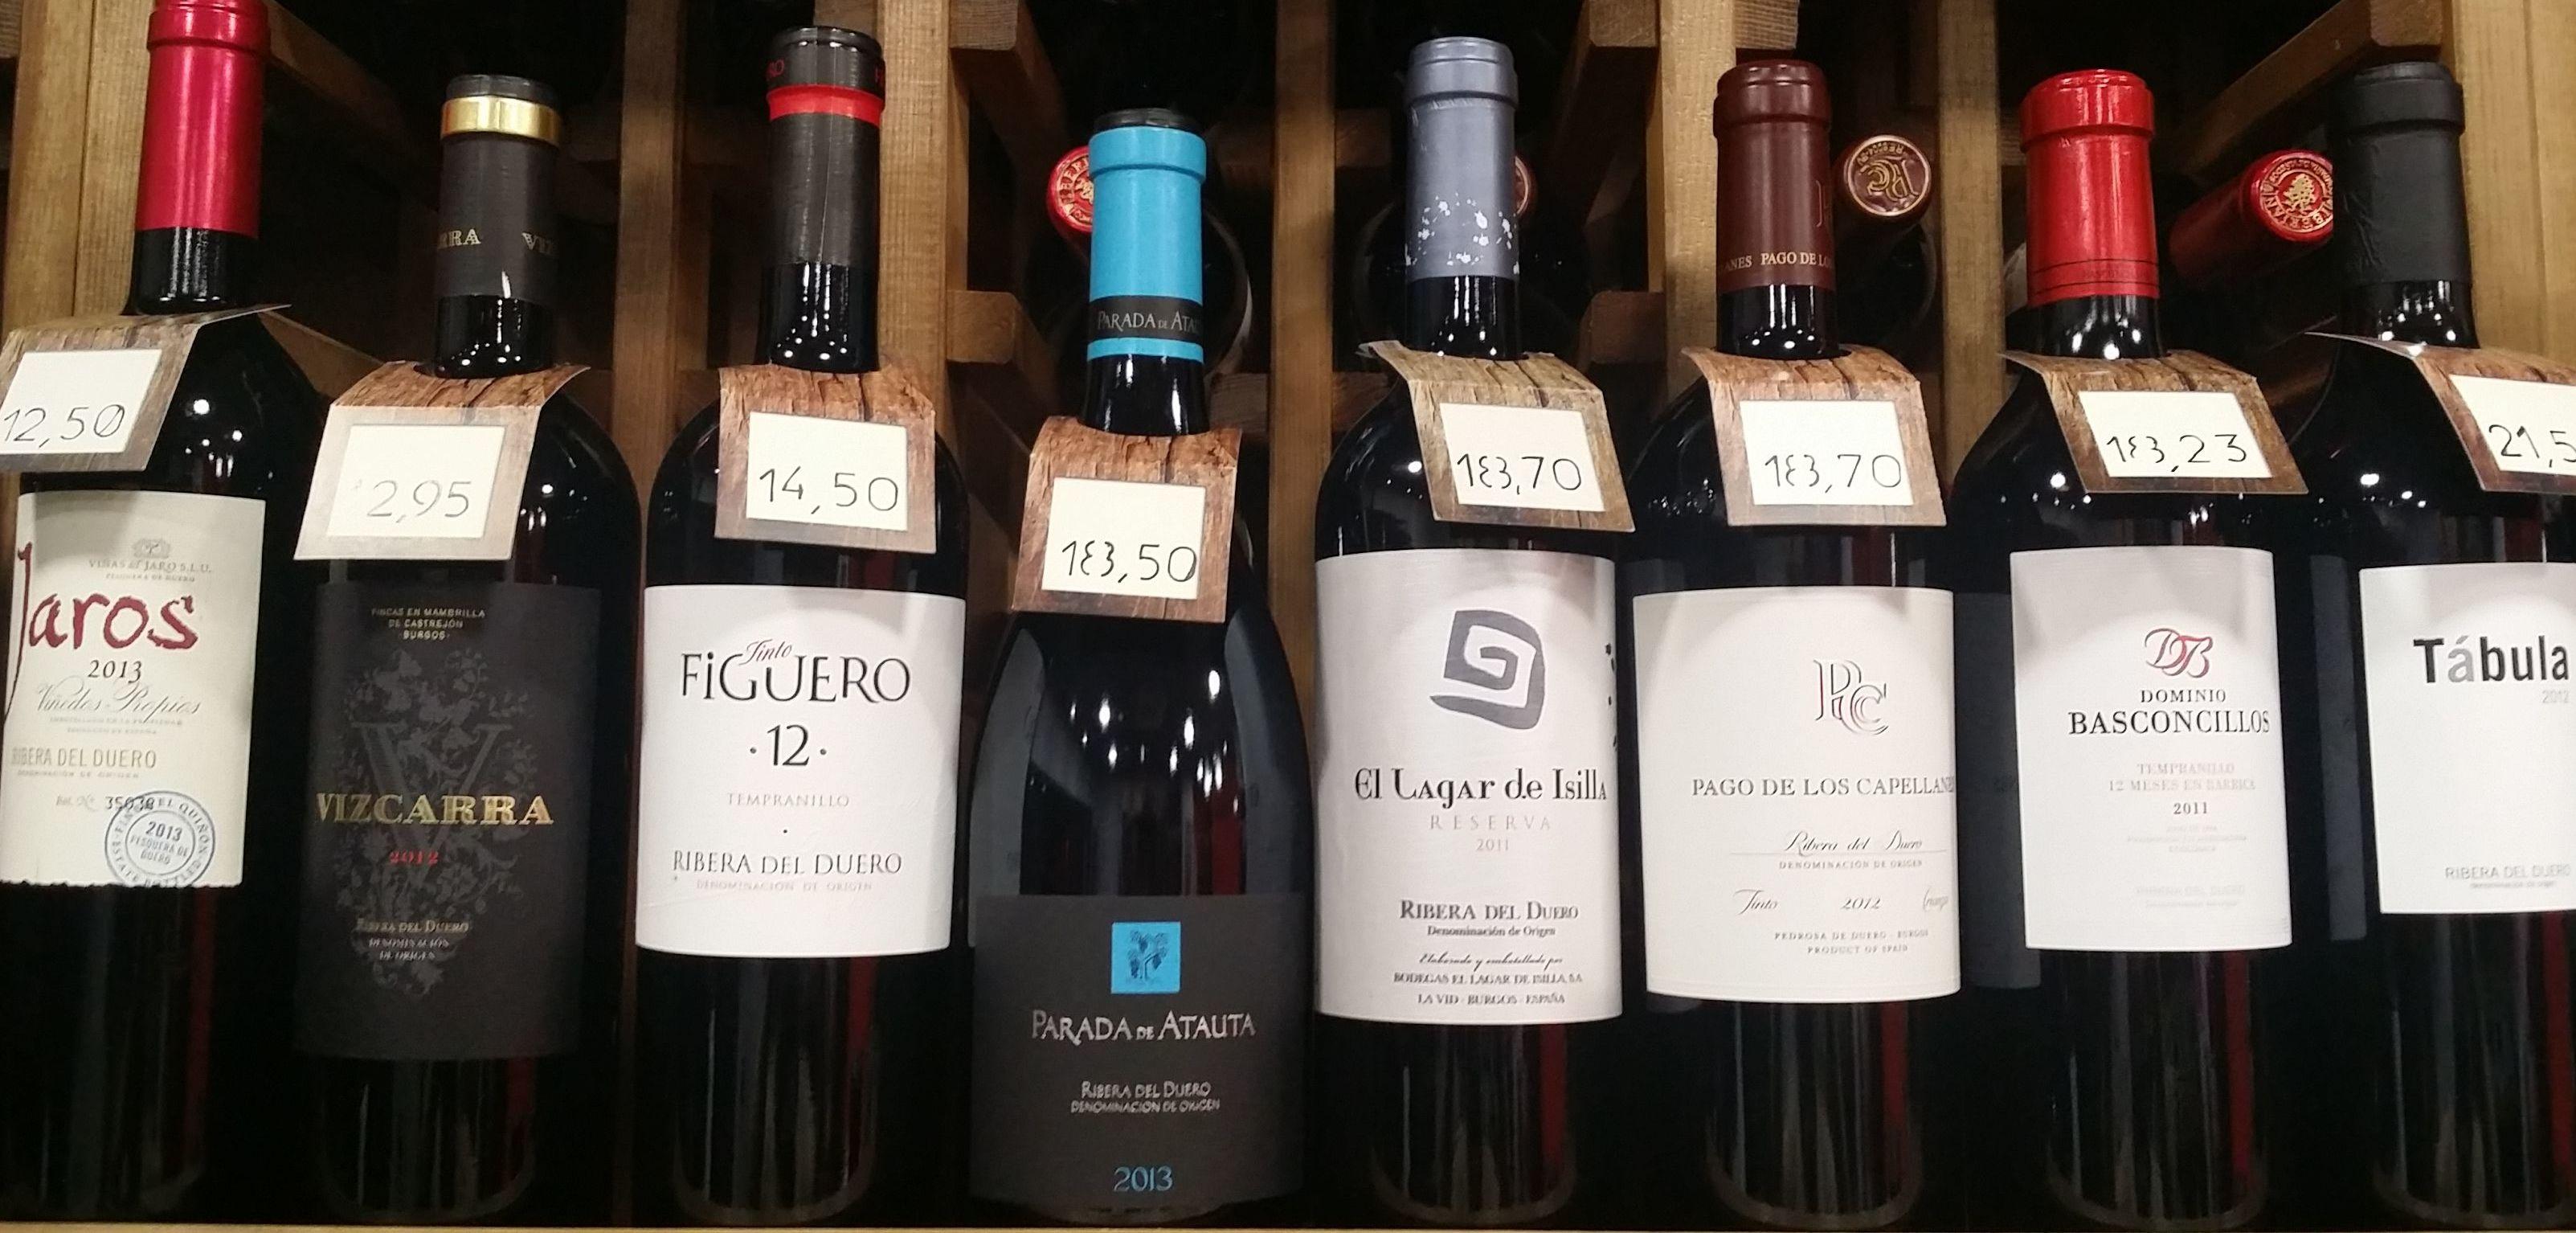 Ribera del Duero: Bodegas por zonas de Vino & Cata